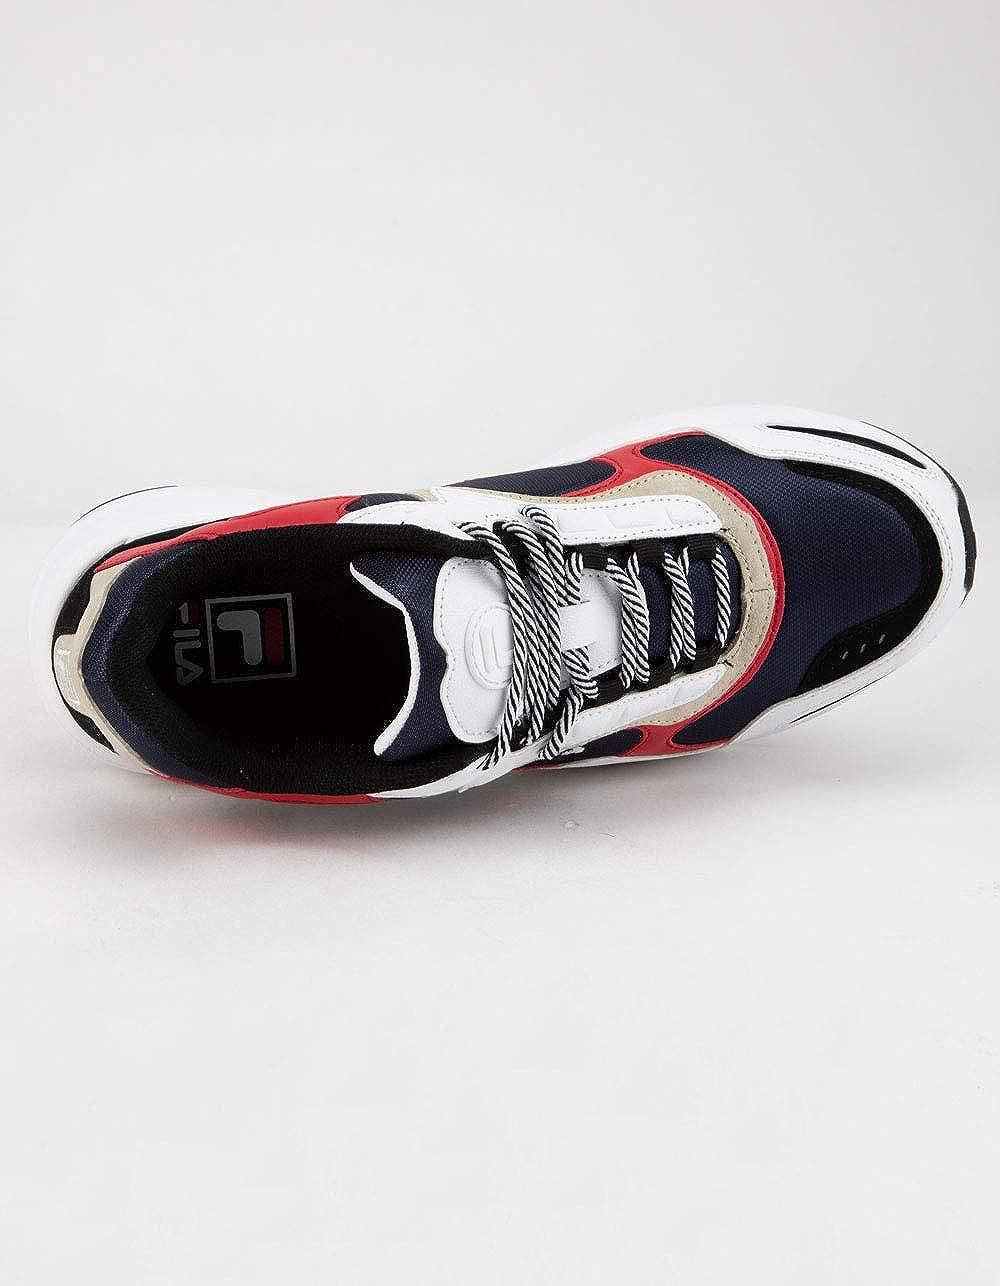 Fila Mens LUMINANCE Sneaker Navy/White/Red